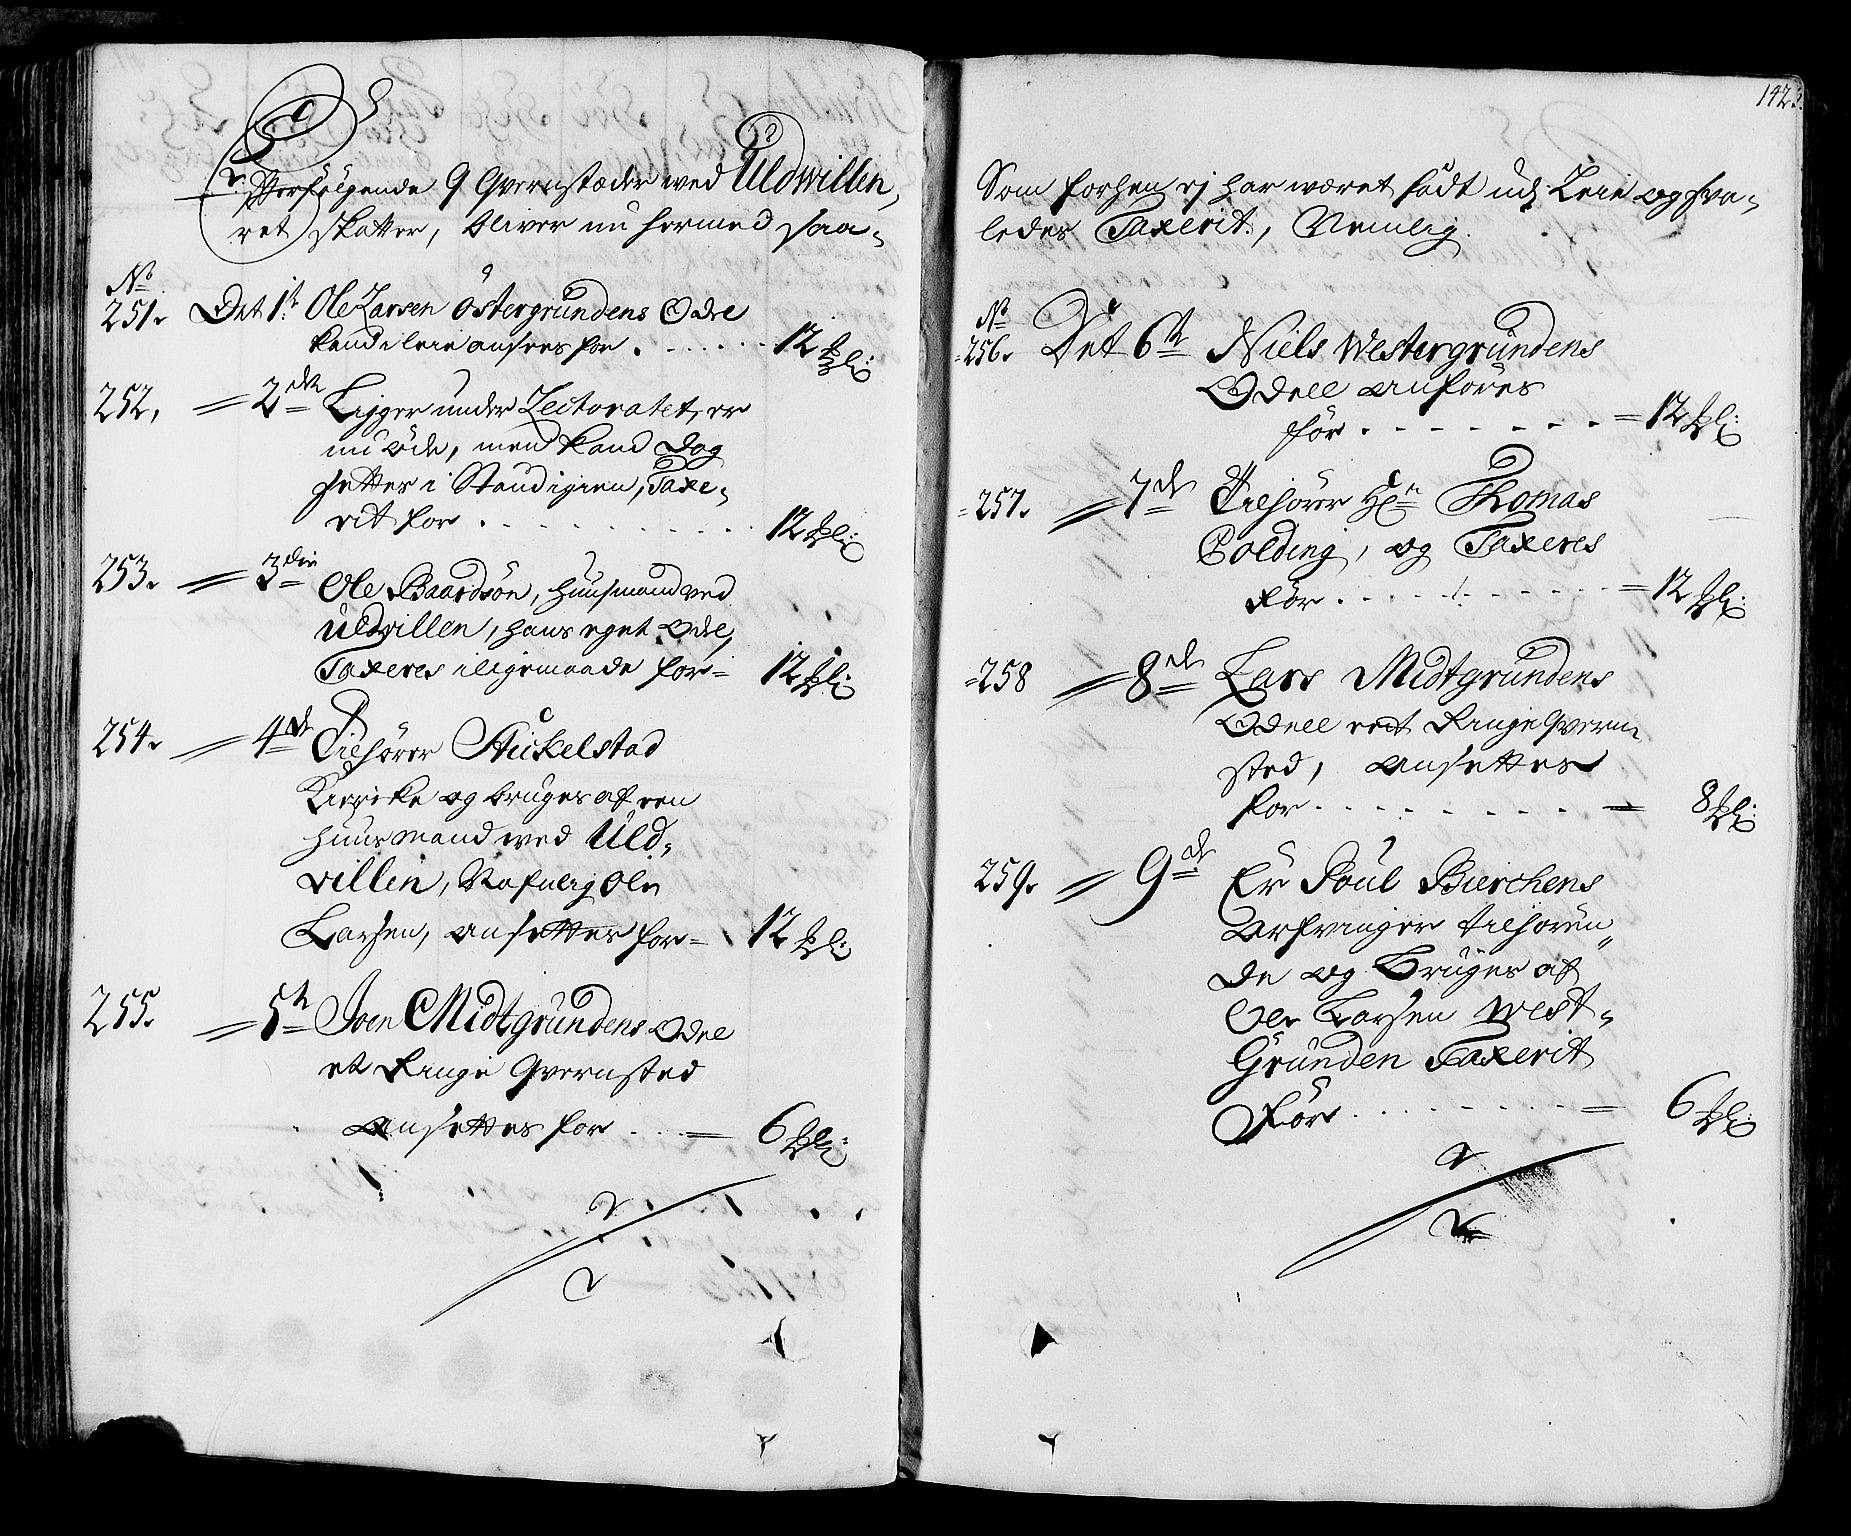 RA, Rentekammeret inntil 1814, Realistisk ordnet avdeling, N/Nb/Nbf/L0164: Stjørdal og Verdal eksaminasjonsprotokoll, 1723, s. 141b-142a